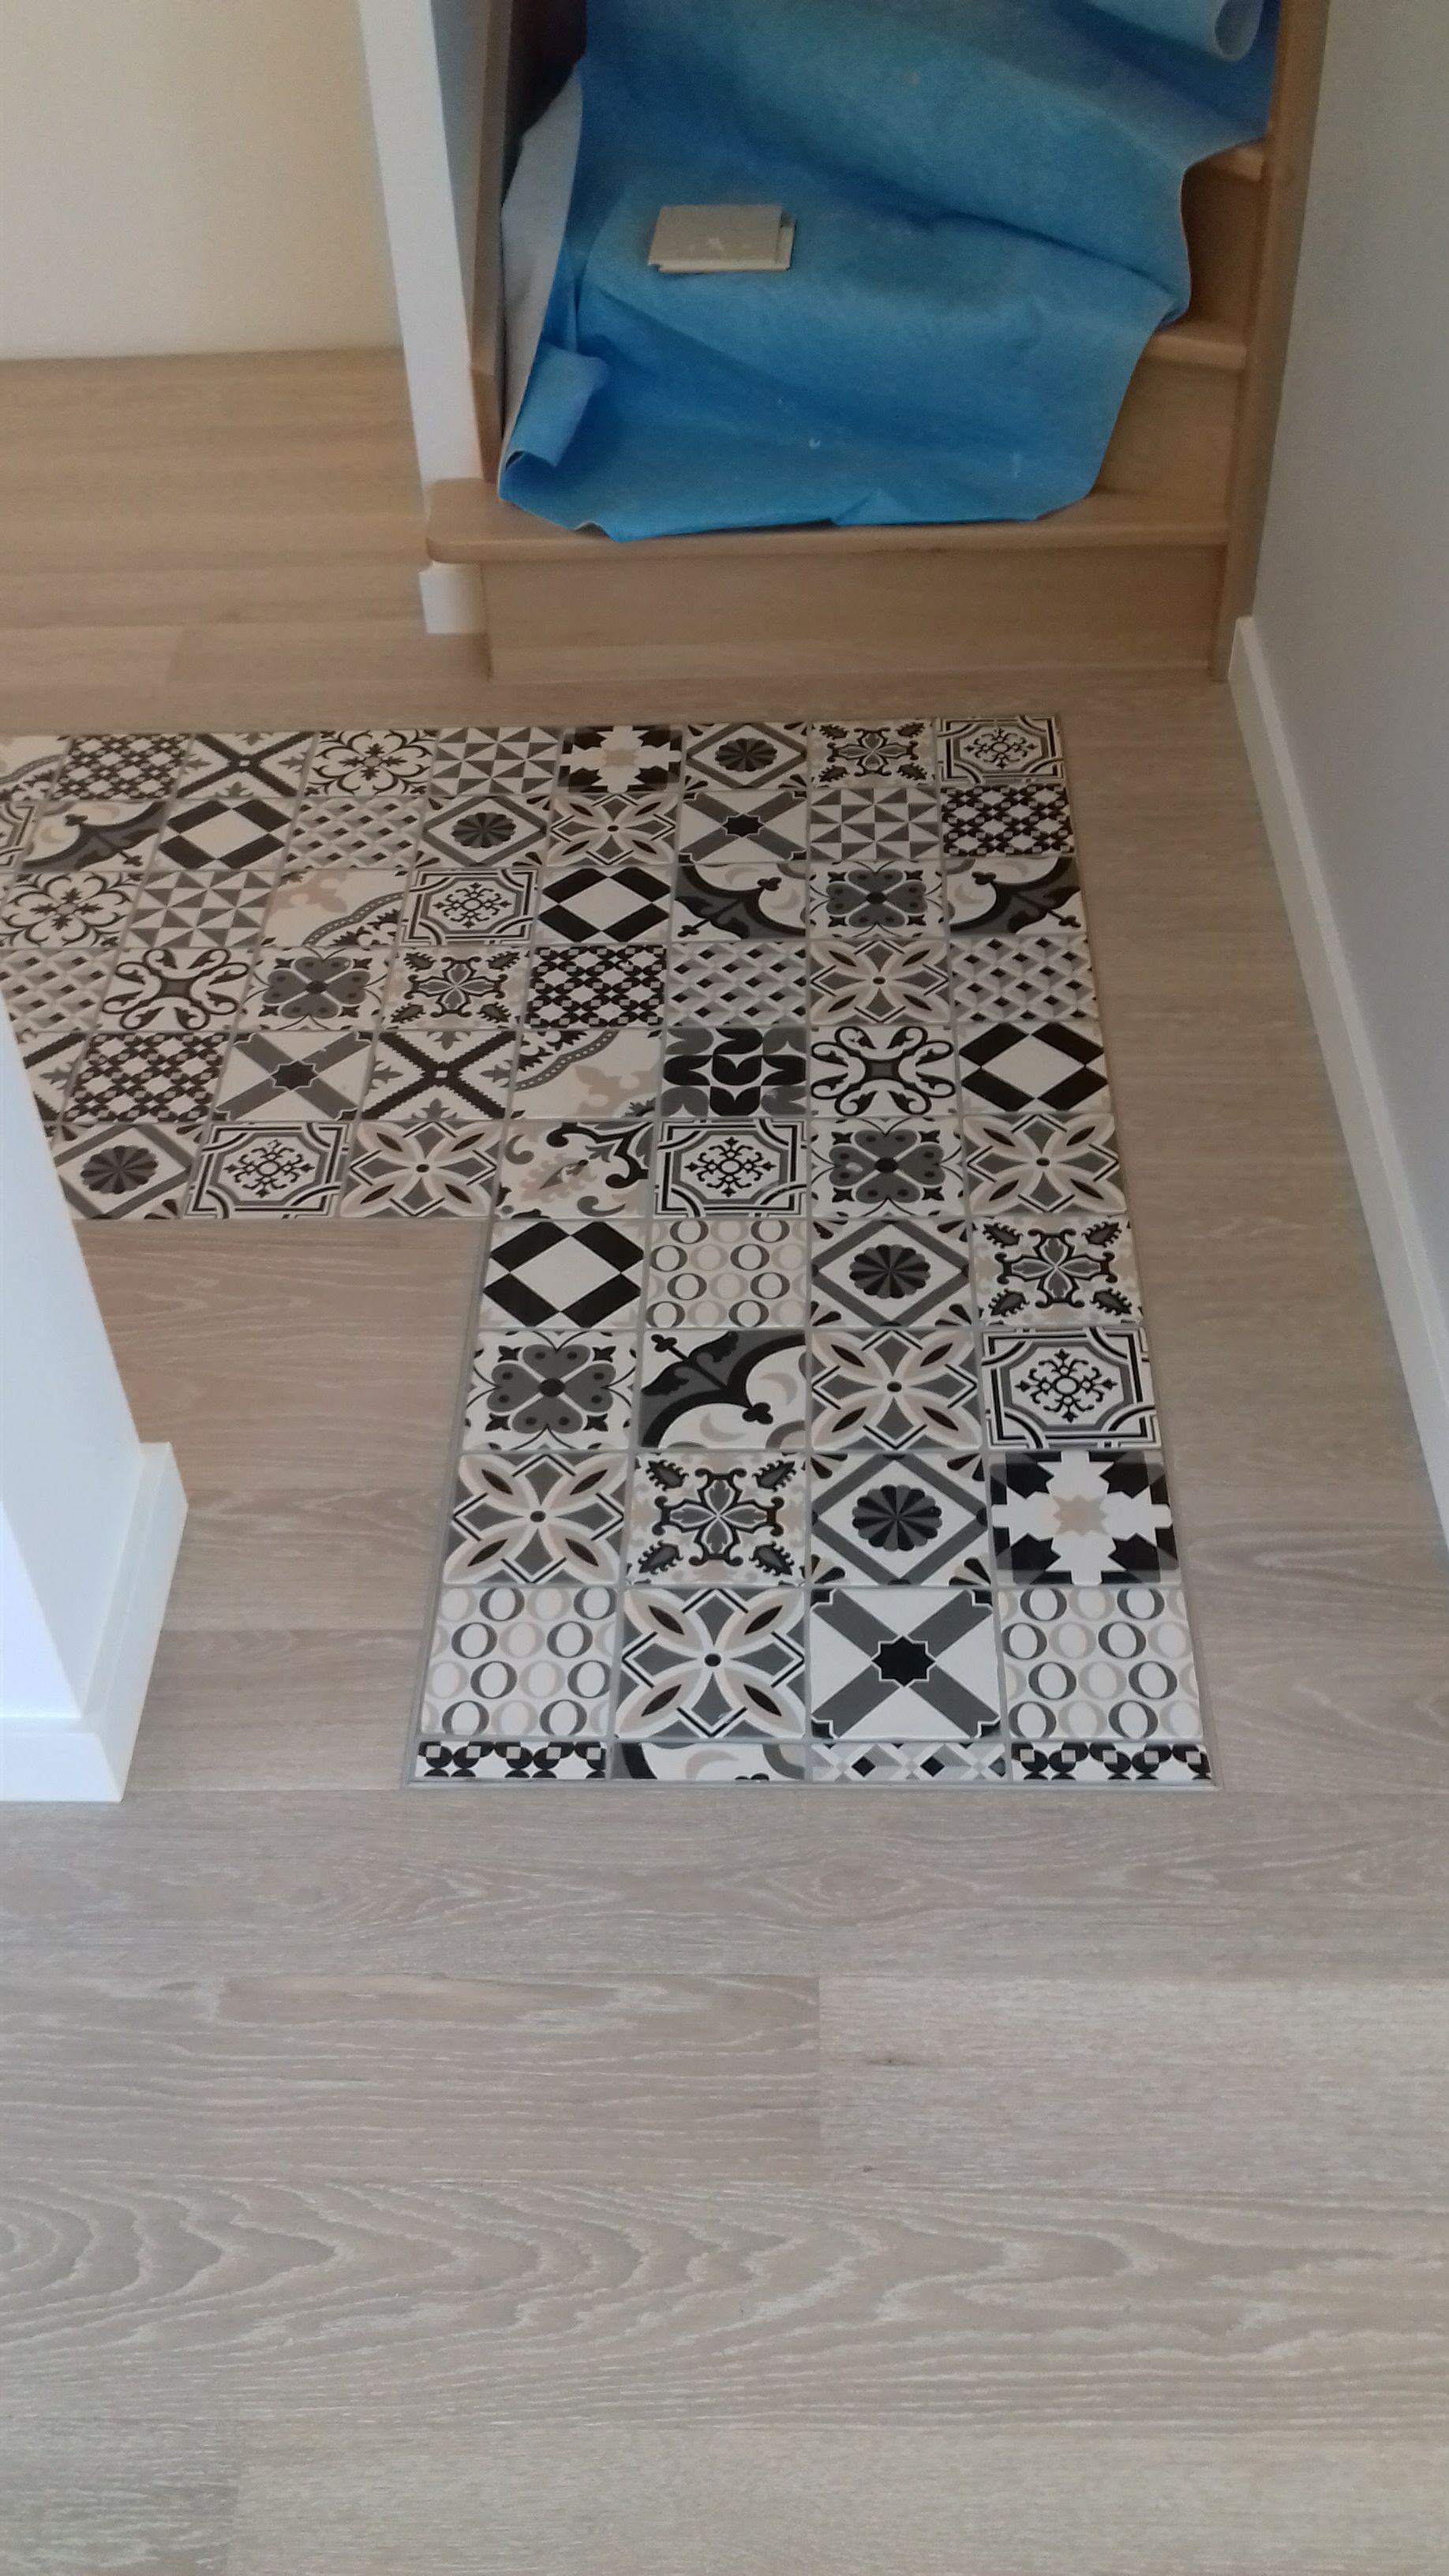 Parquet Contrecolle Quick Step Castello Cas1353s Chene Ceruse Blanc Mat Pose Autour D Un Carrelage Imitation Carreaux De Ciment Hardwood Floors Flooring Decor